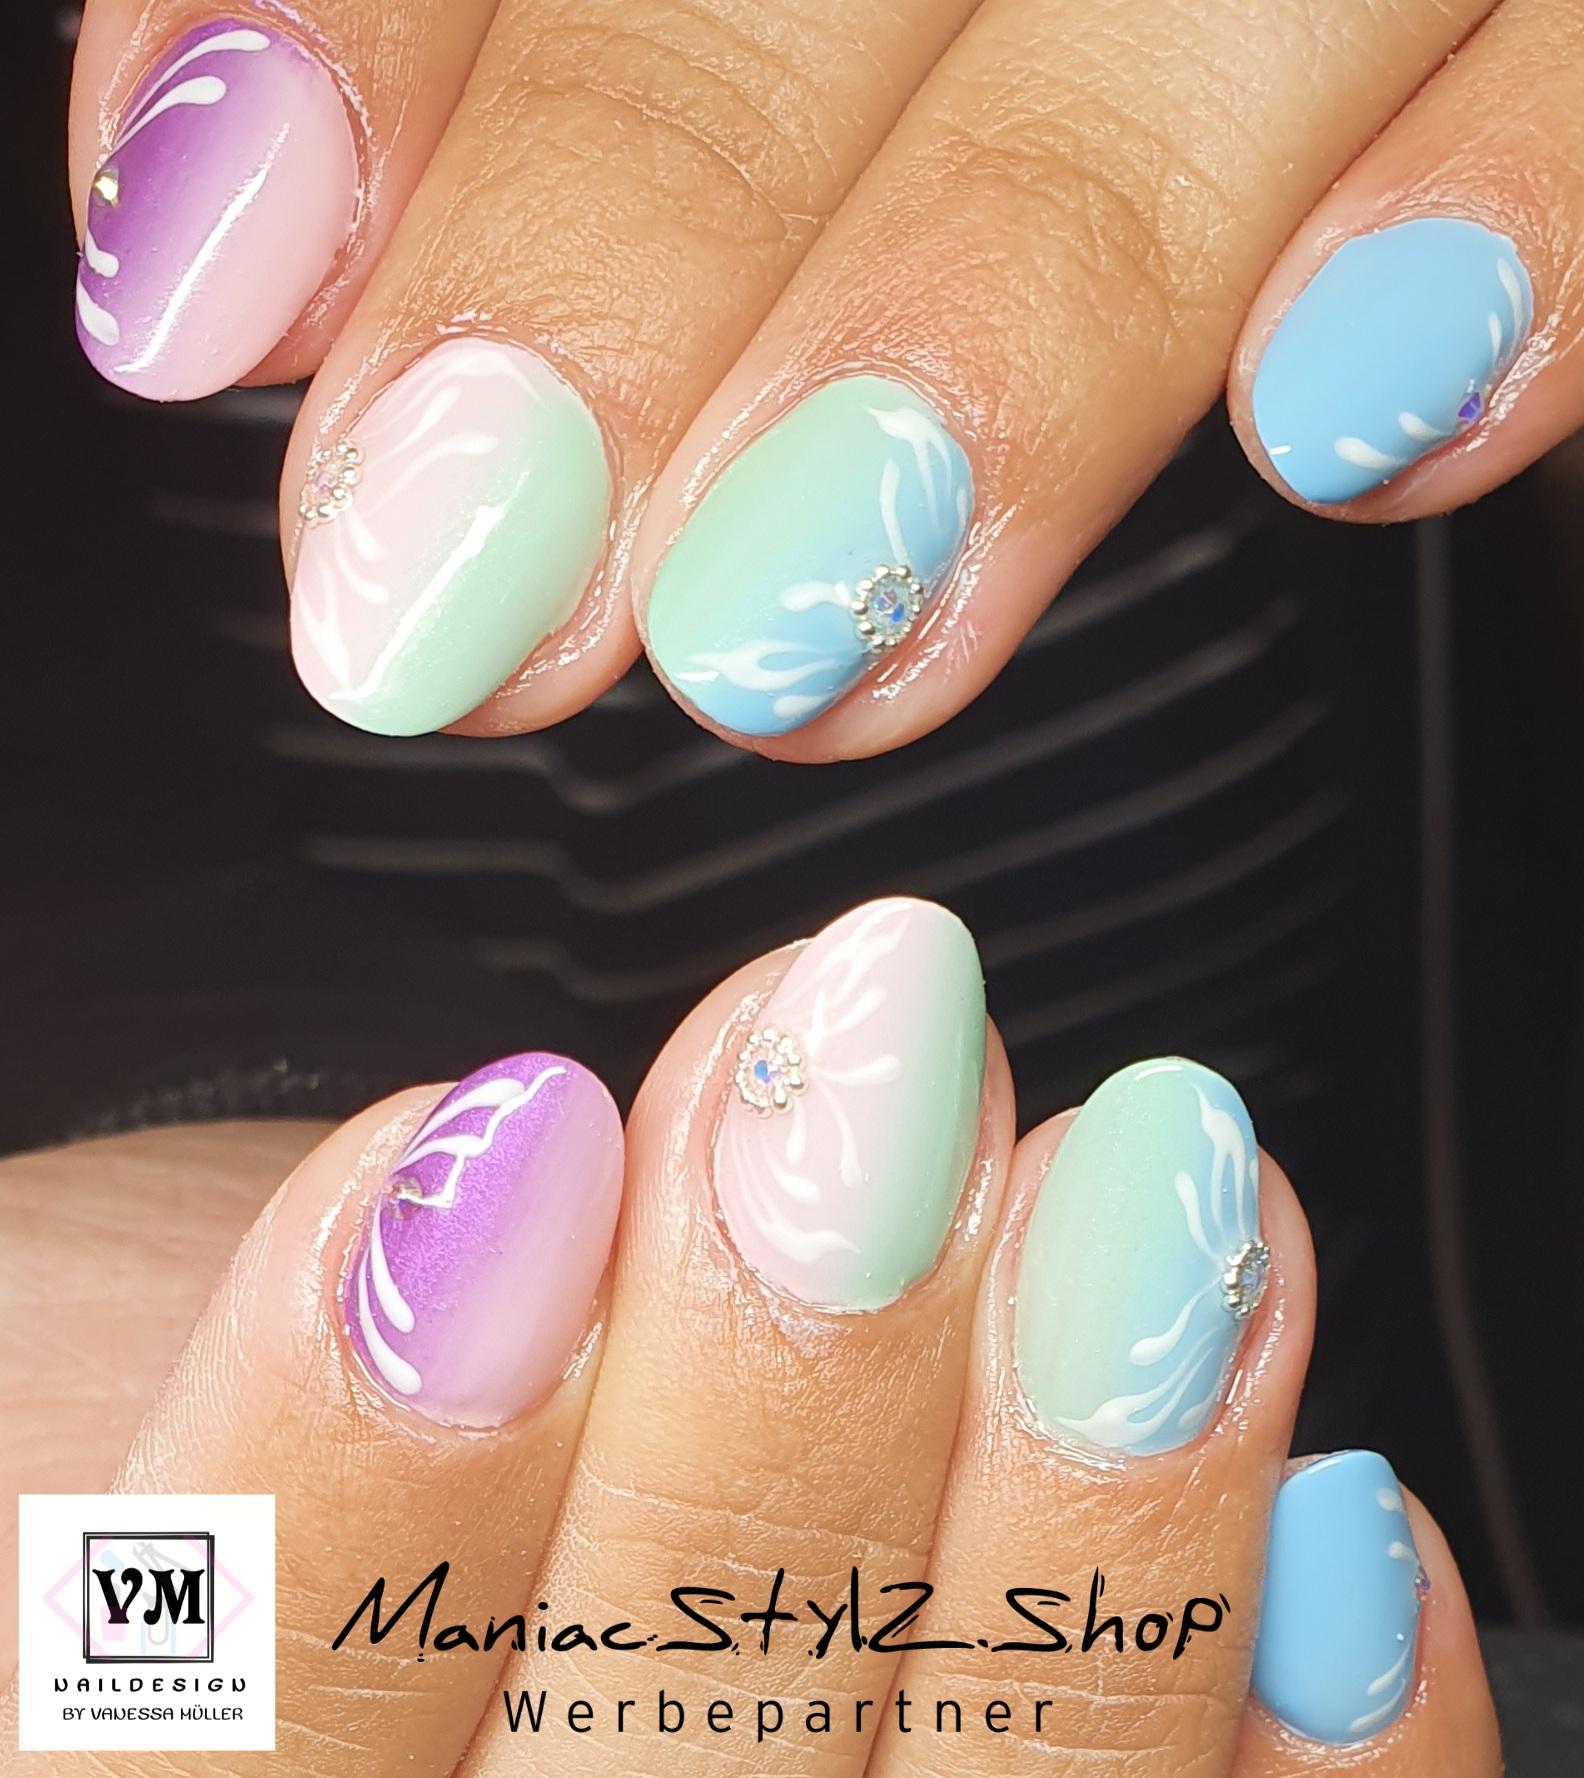 nagel design - maniac stylz 8